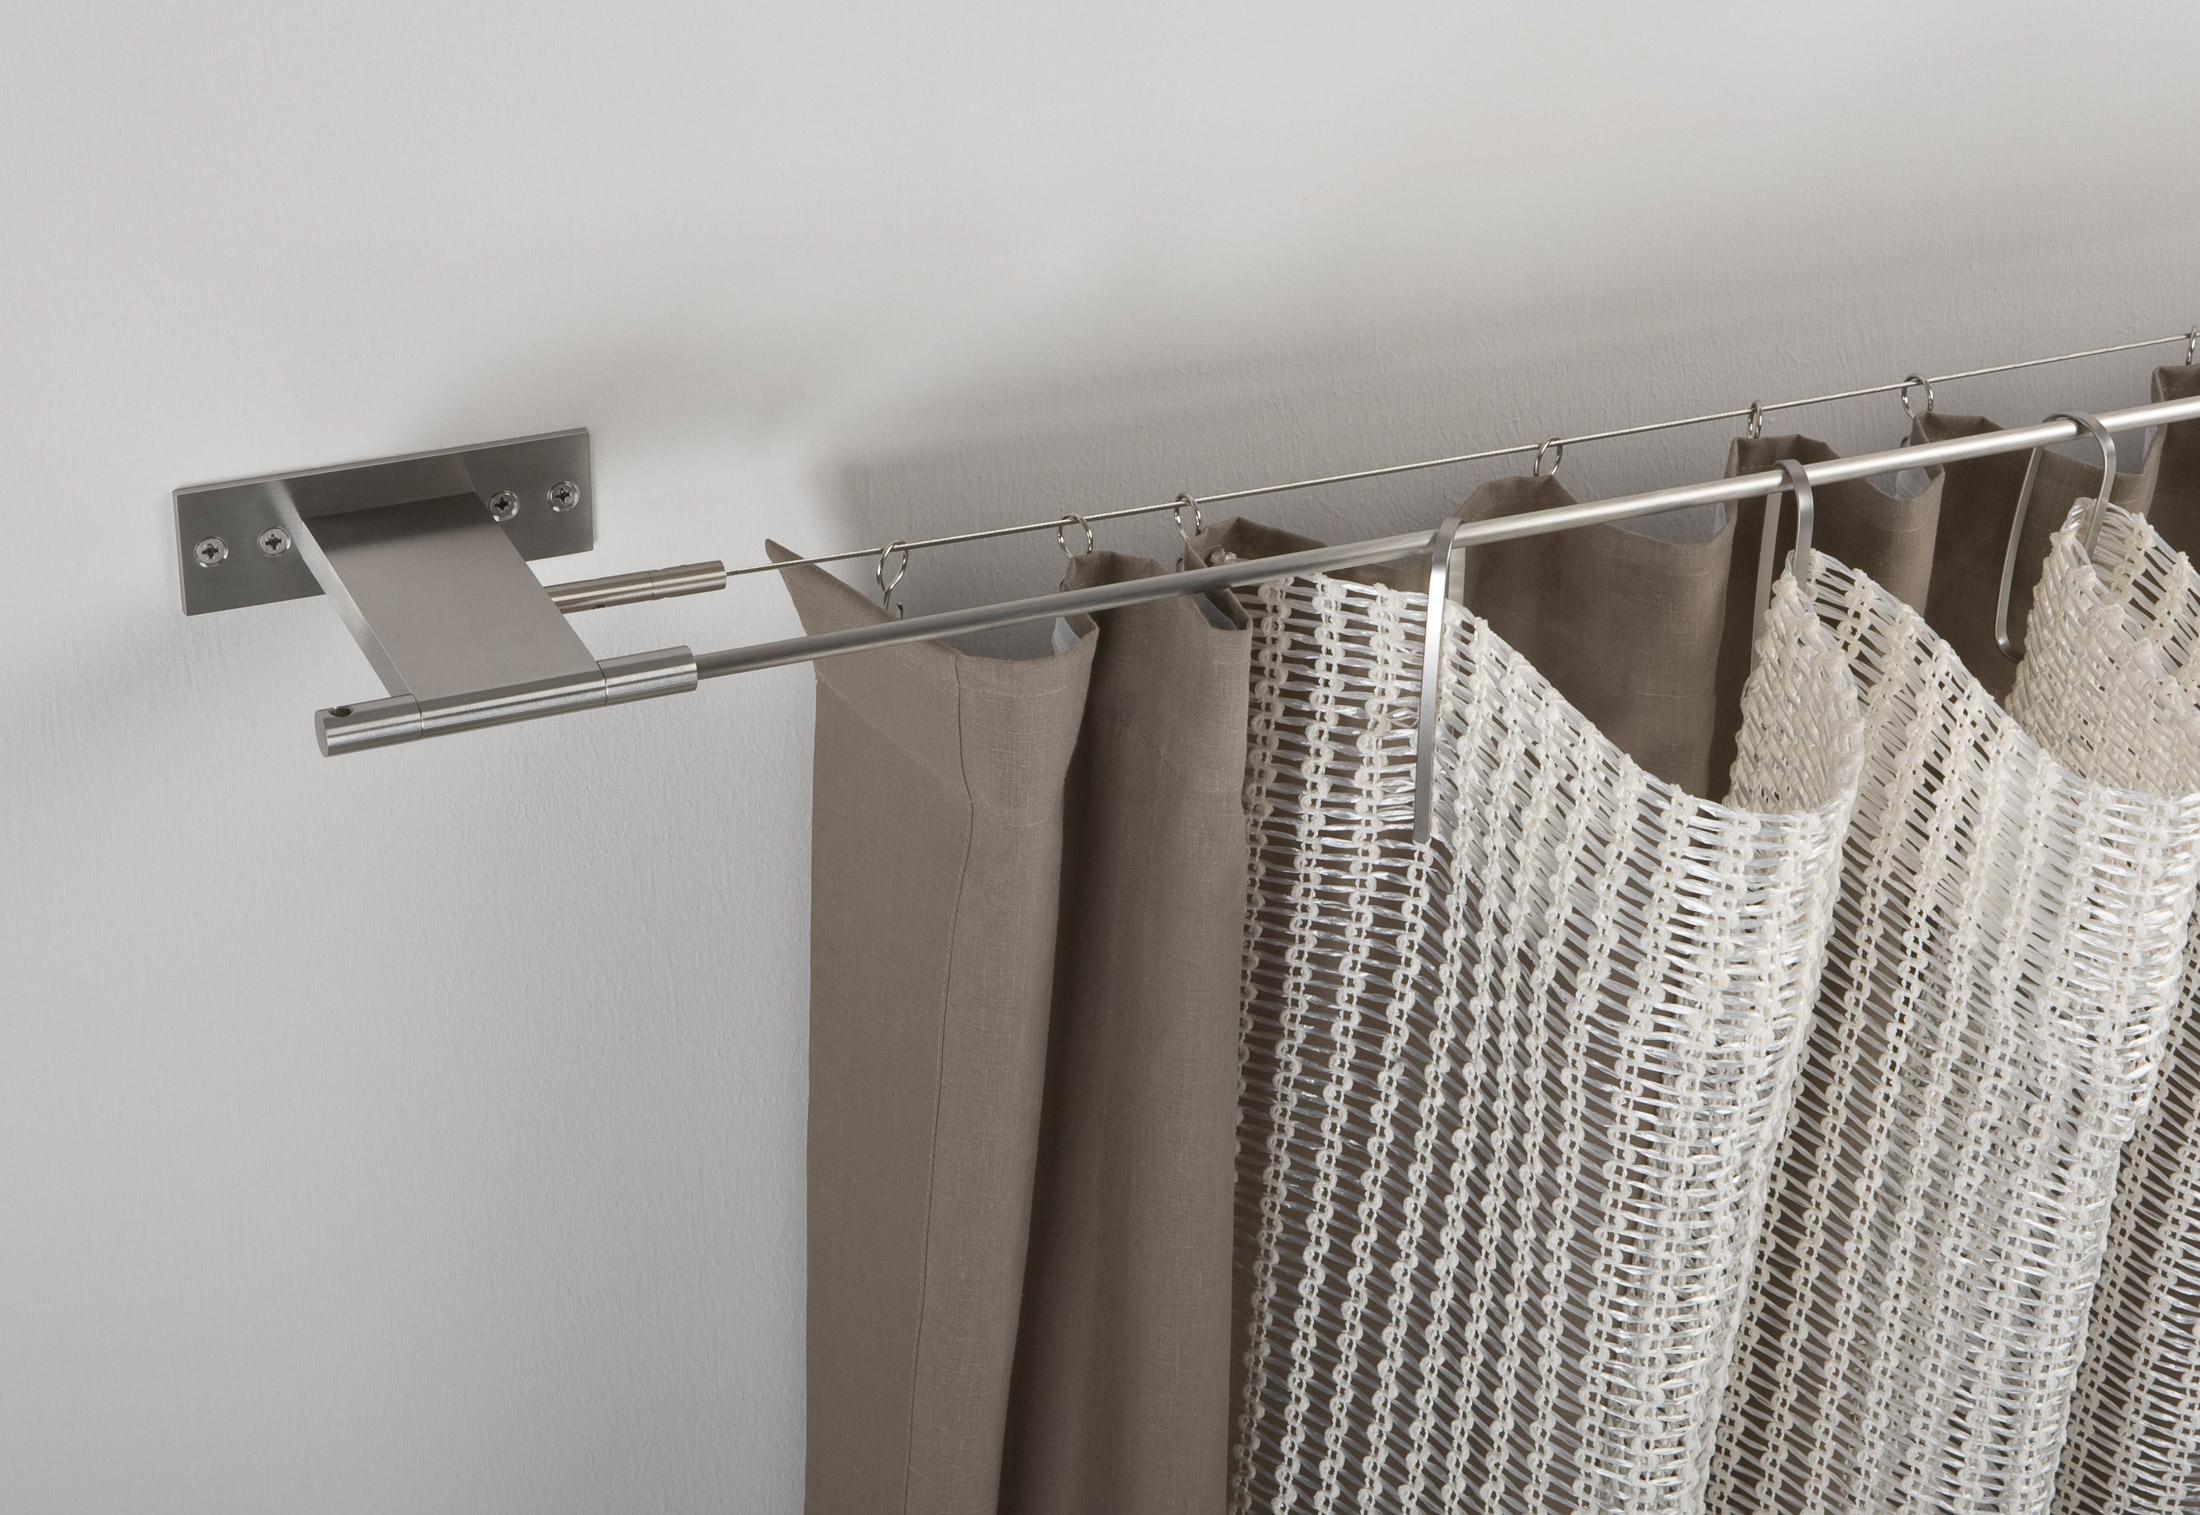 Seilsystem Für Vorhänge – Zuhause Image Idee